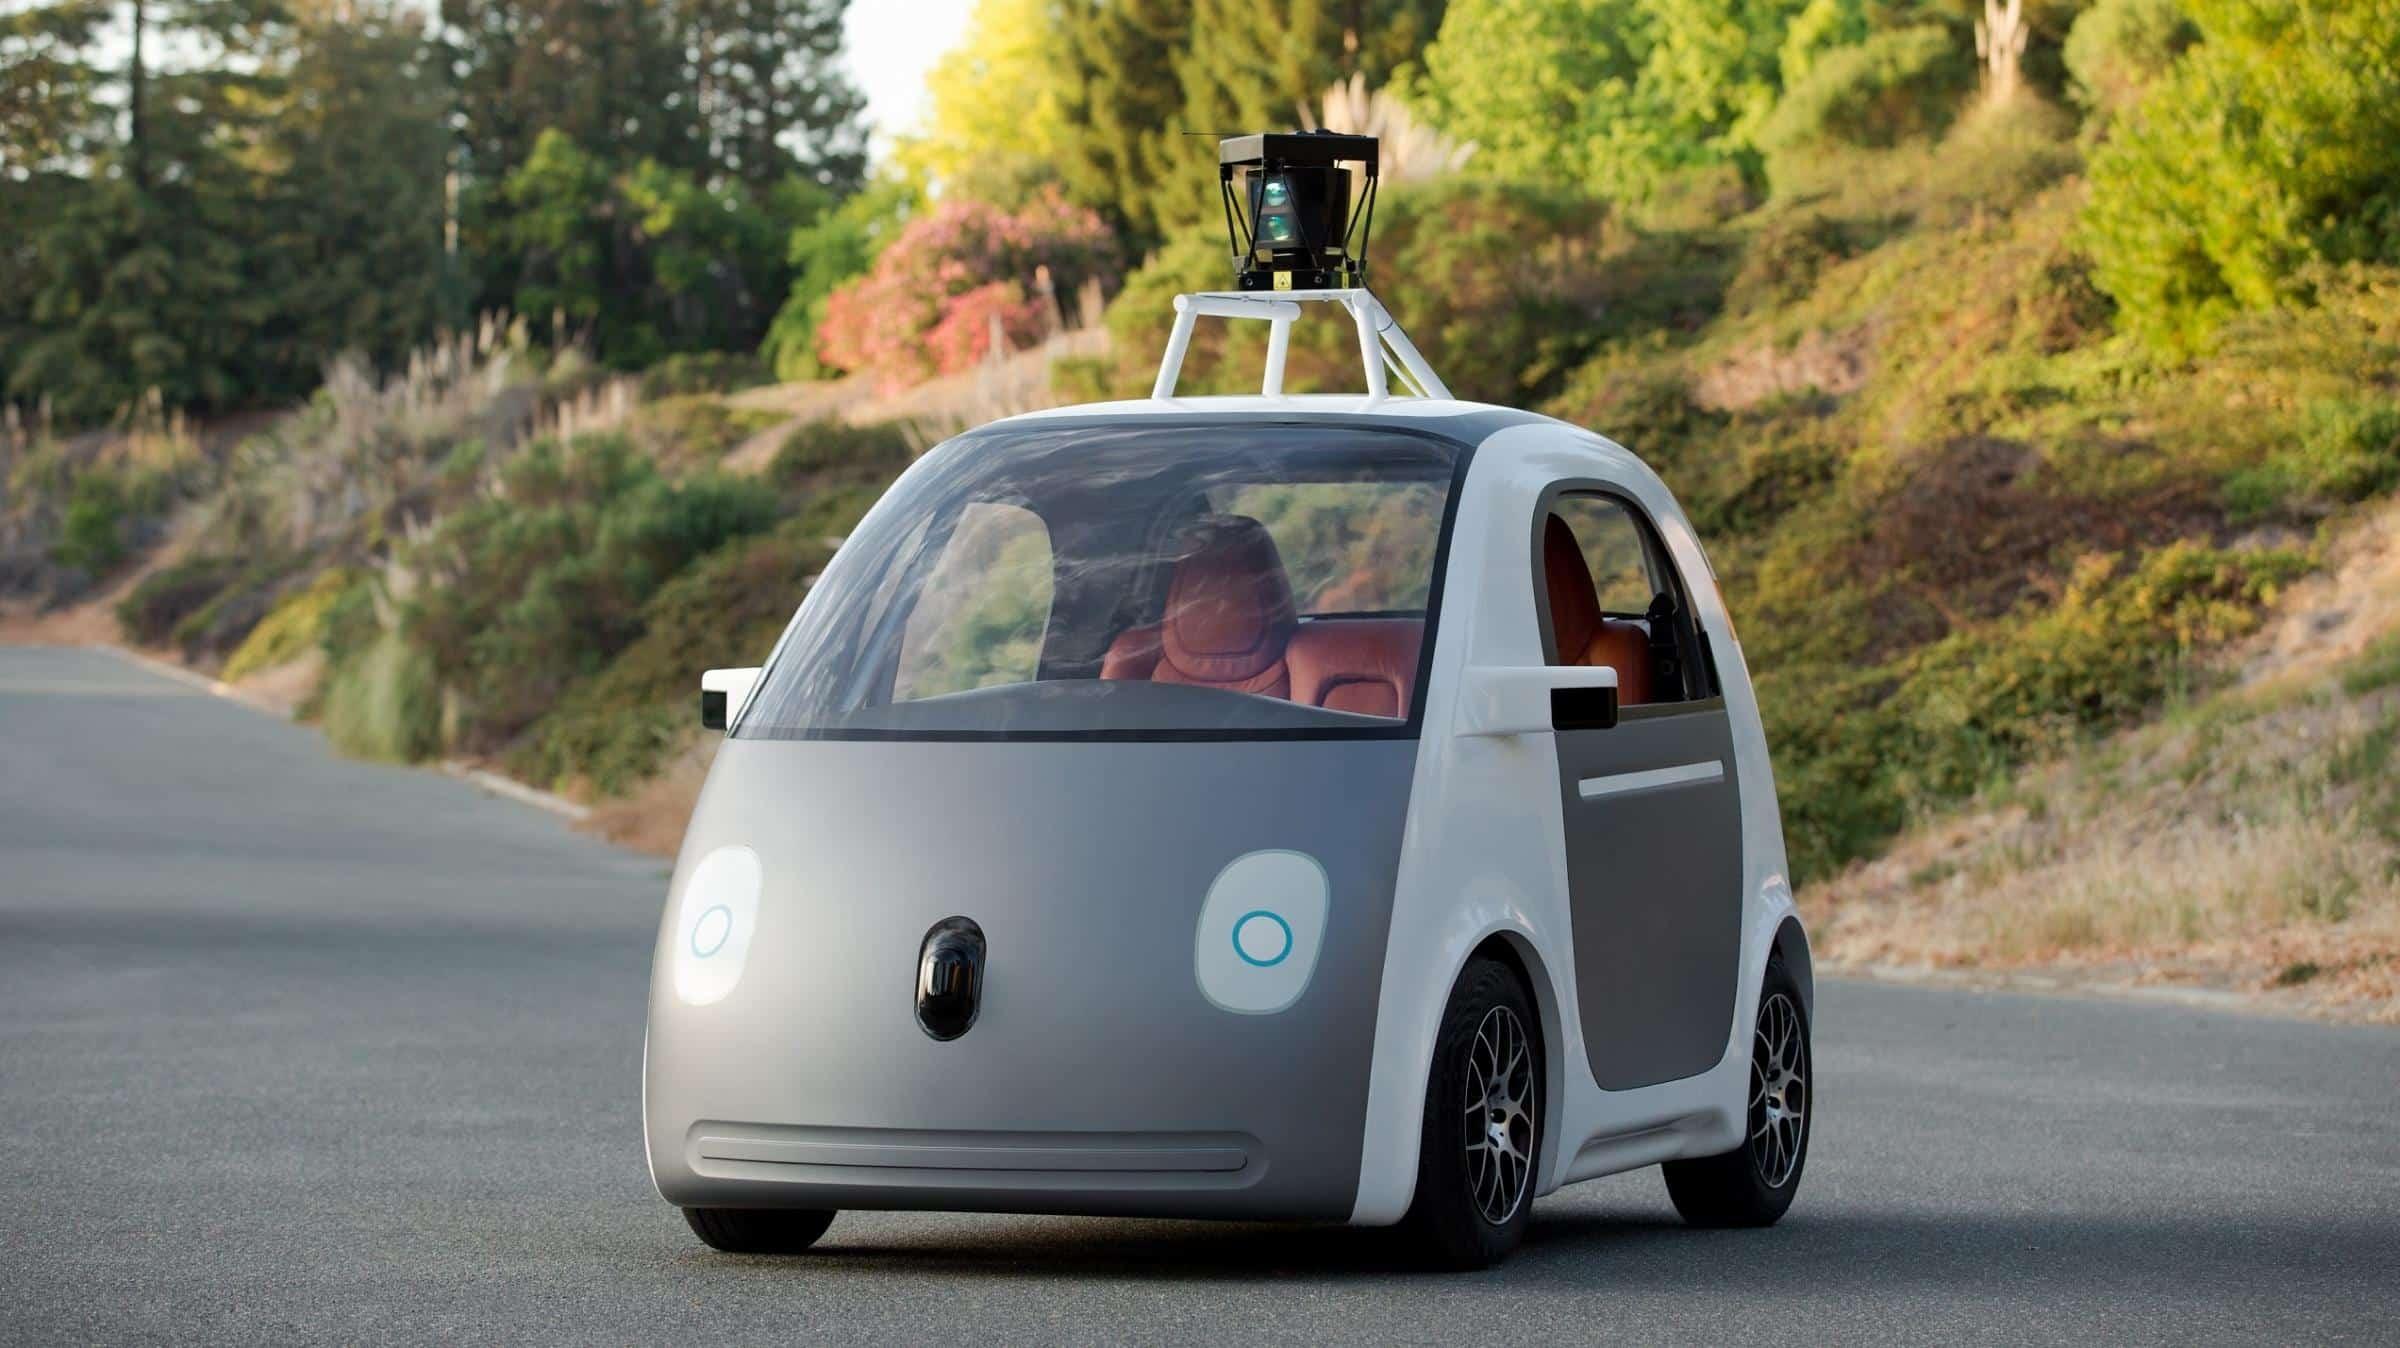 La compra de Gecko Desing está ligada a impulsar Google (X), división que desarrolló el vehículo autónomo.